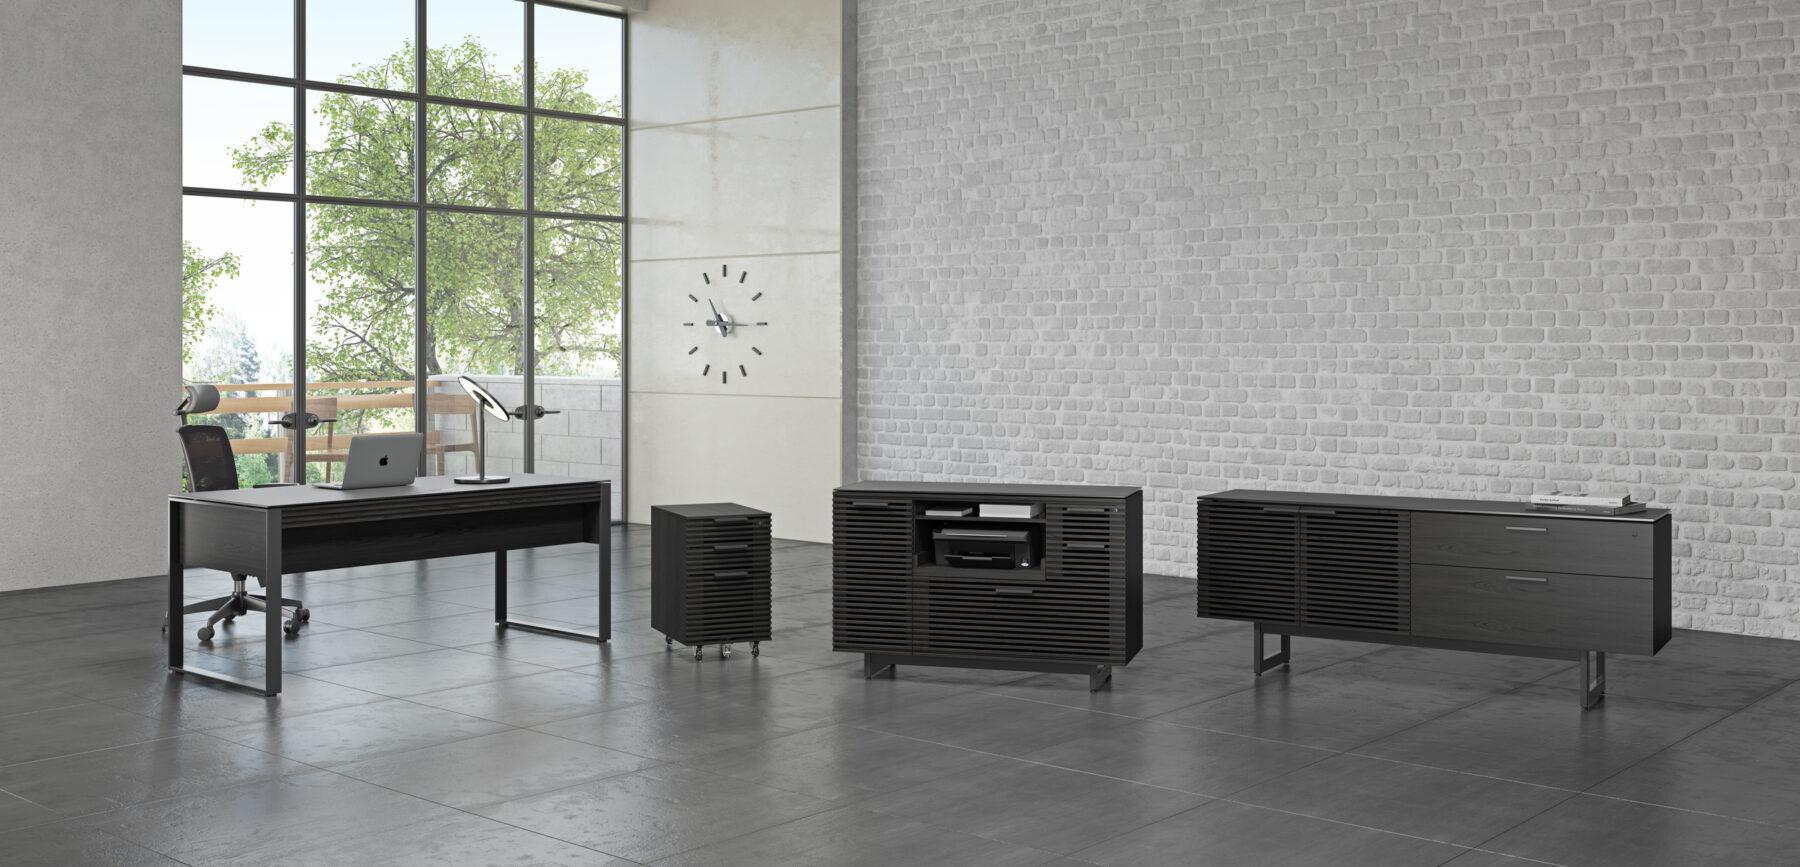 corridor-modern-office-collection-bdi-CRL-5